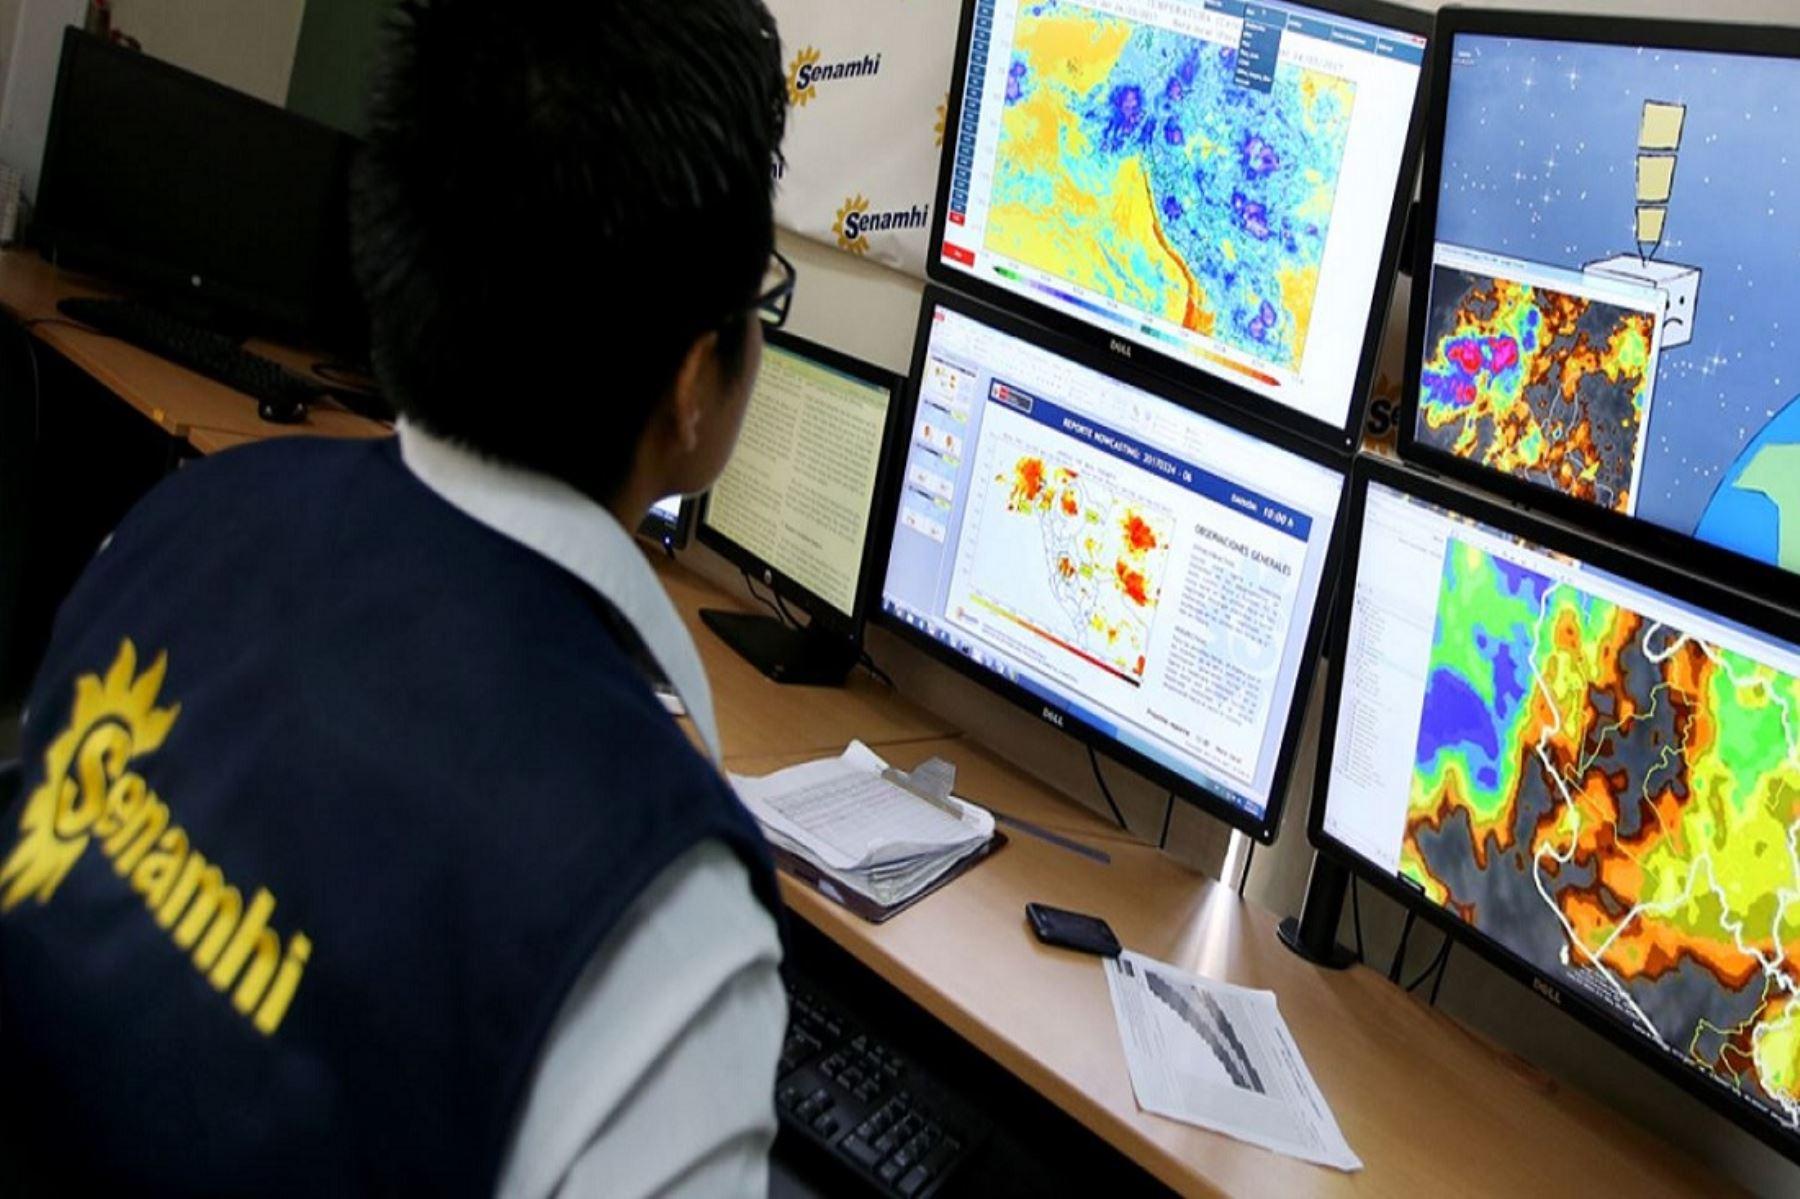 Lluvias alcanzarían nivel 4 (se predicen fenómenos meteorológicos de gran magnitud.